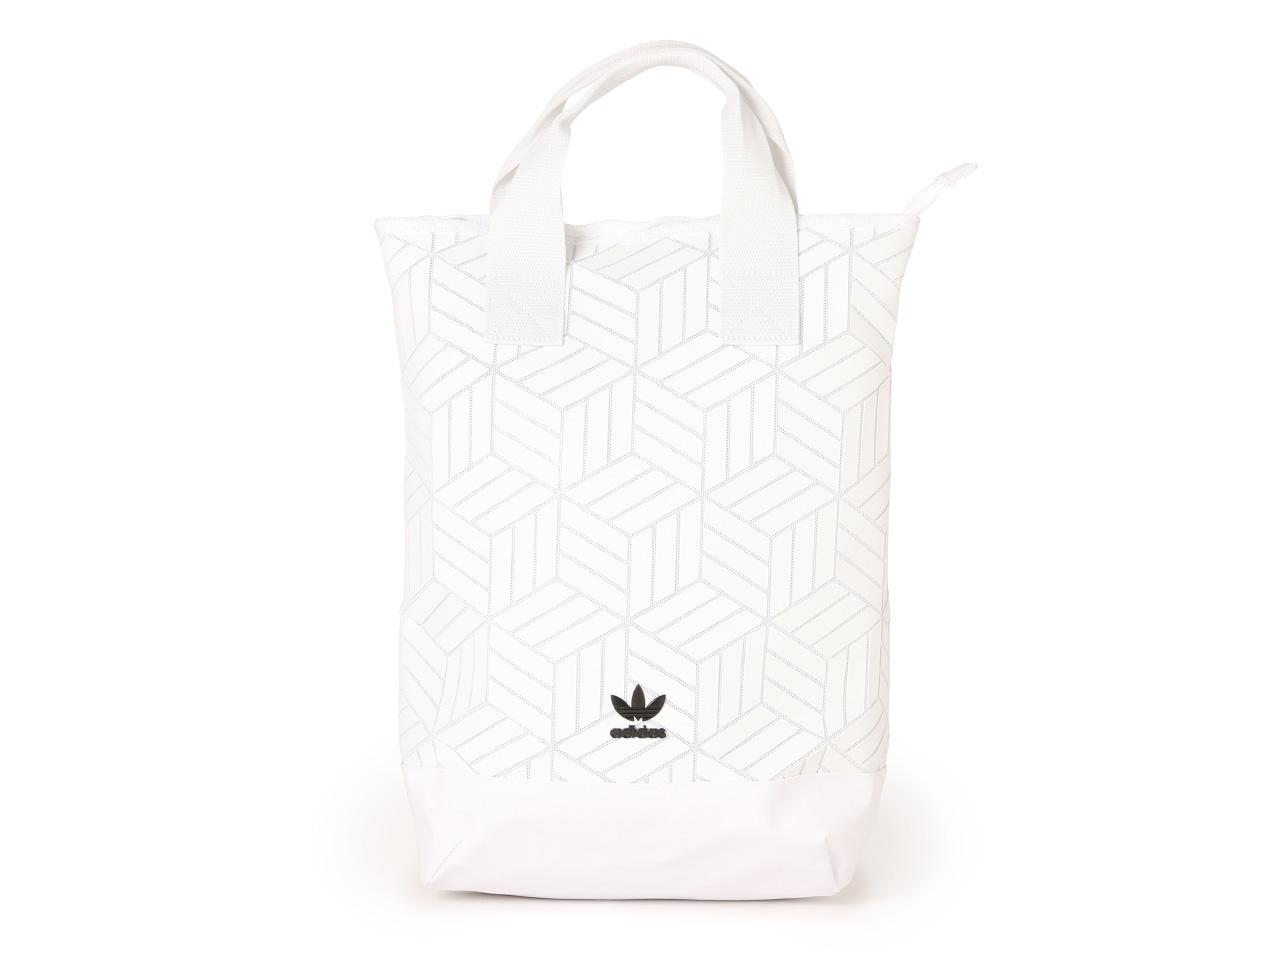 【全品ポイント10倍!期間限定★今すぐエントリー!(4/1~4/30)】adidas ROLL TOP BACKPACK(DV0201)【アディダス】【バッグ】【バックパック】【鞄】【カバン】